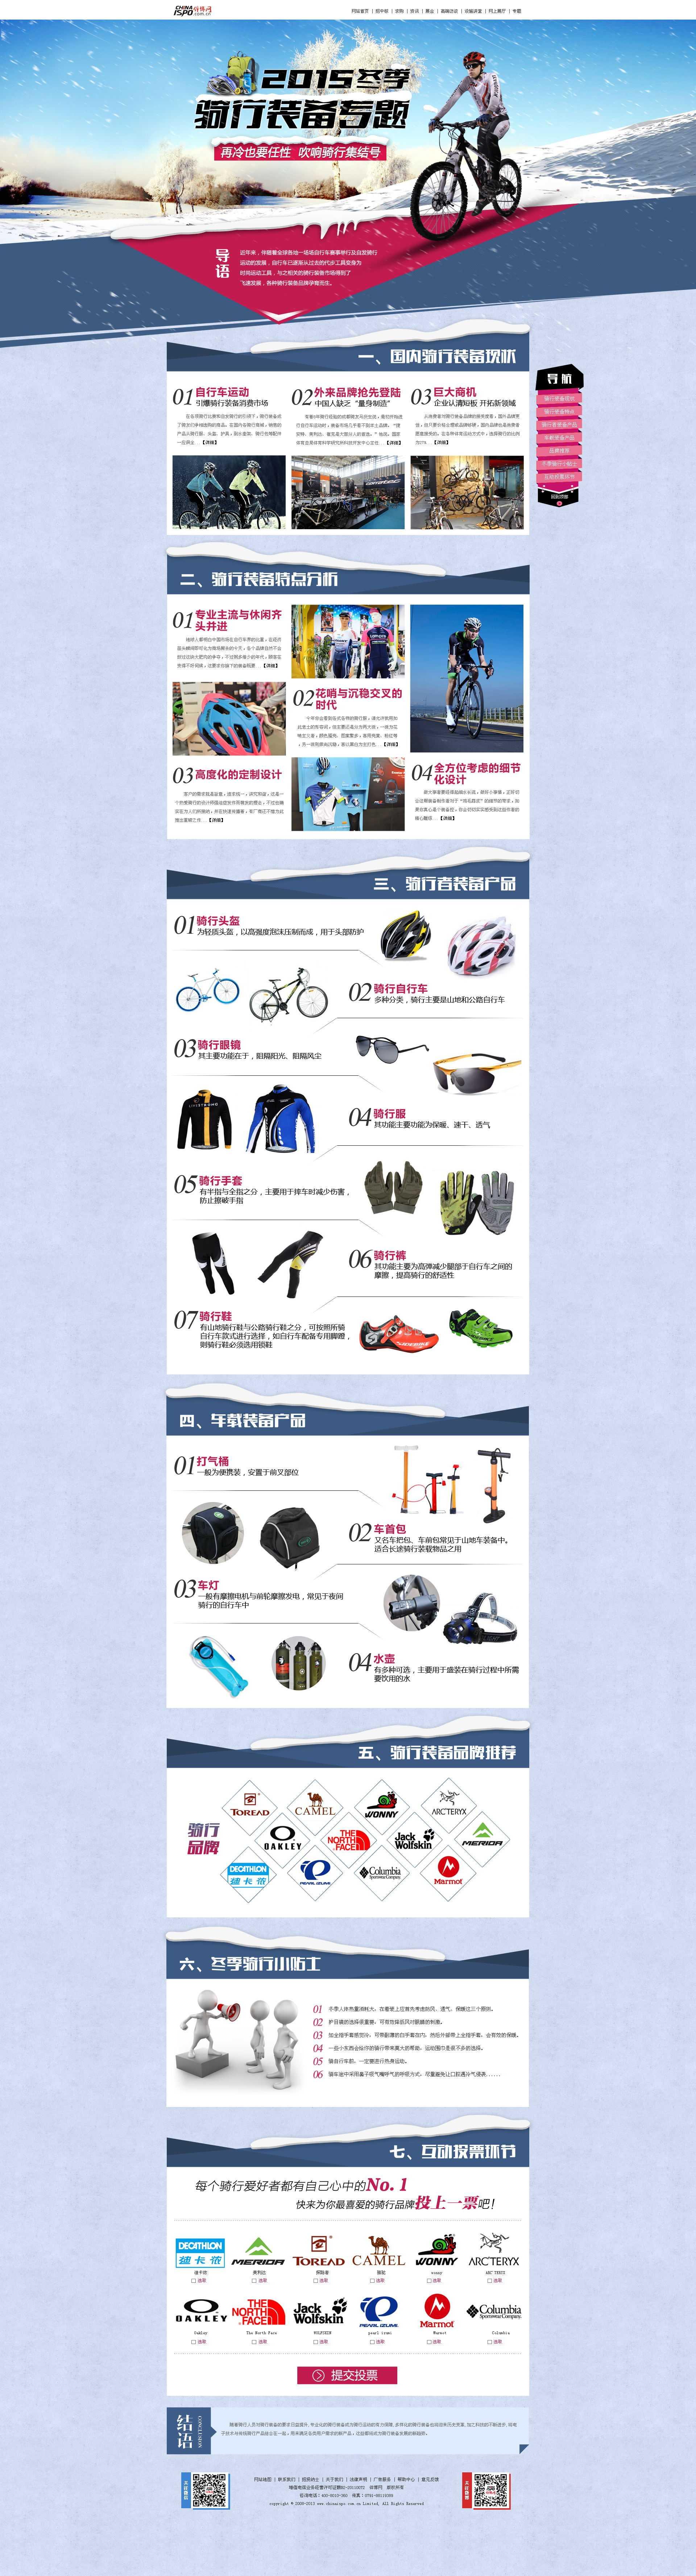 骑车运动装备商城专题模板html下载